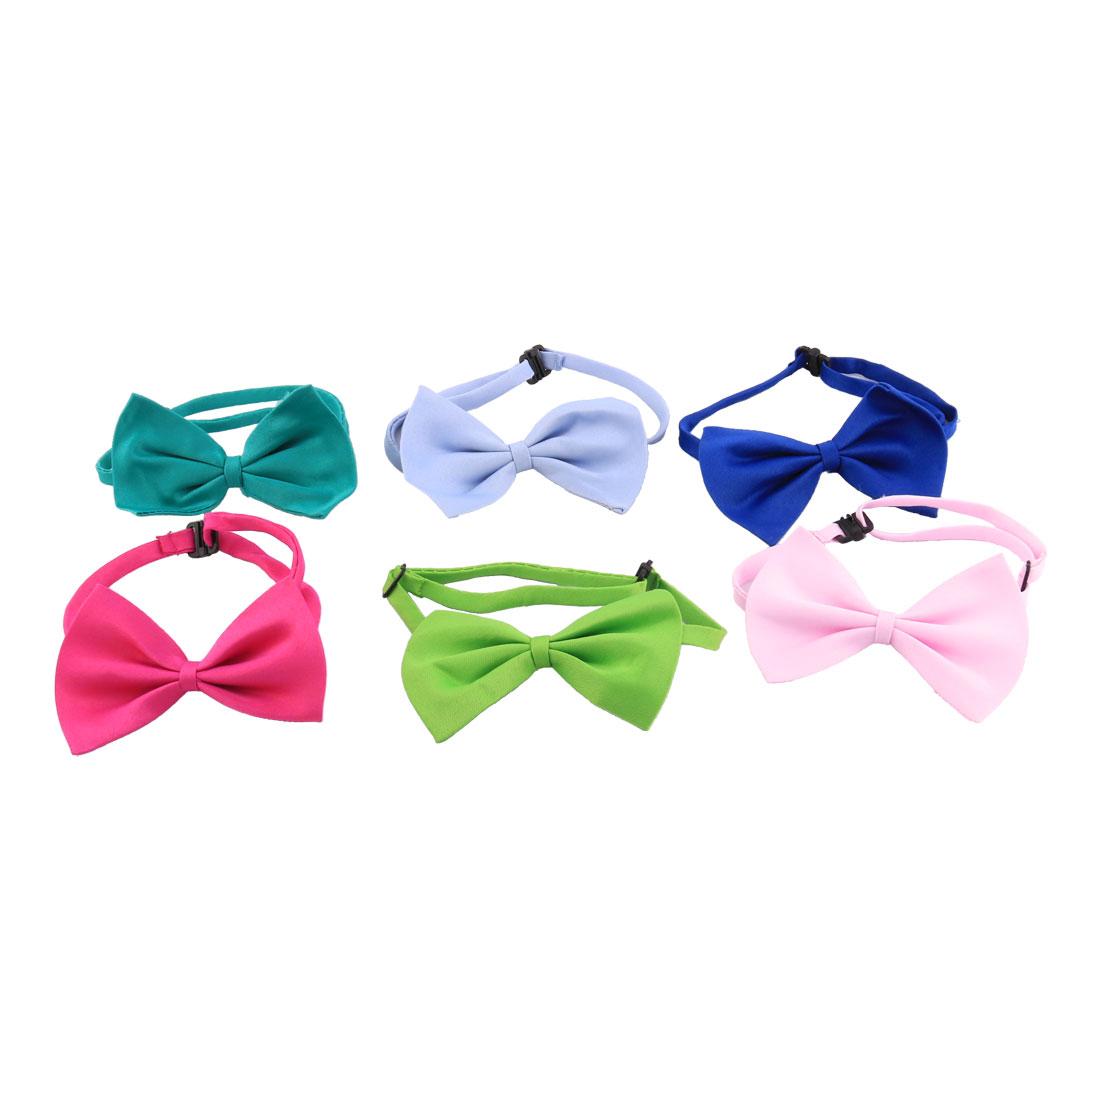 Pet Dog Cat Adjustable Bowtie Decor Necktie Collar Assorted Color 6pcs